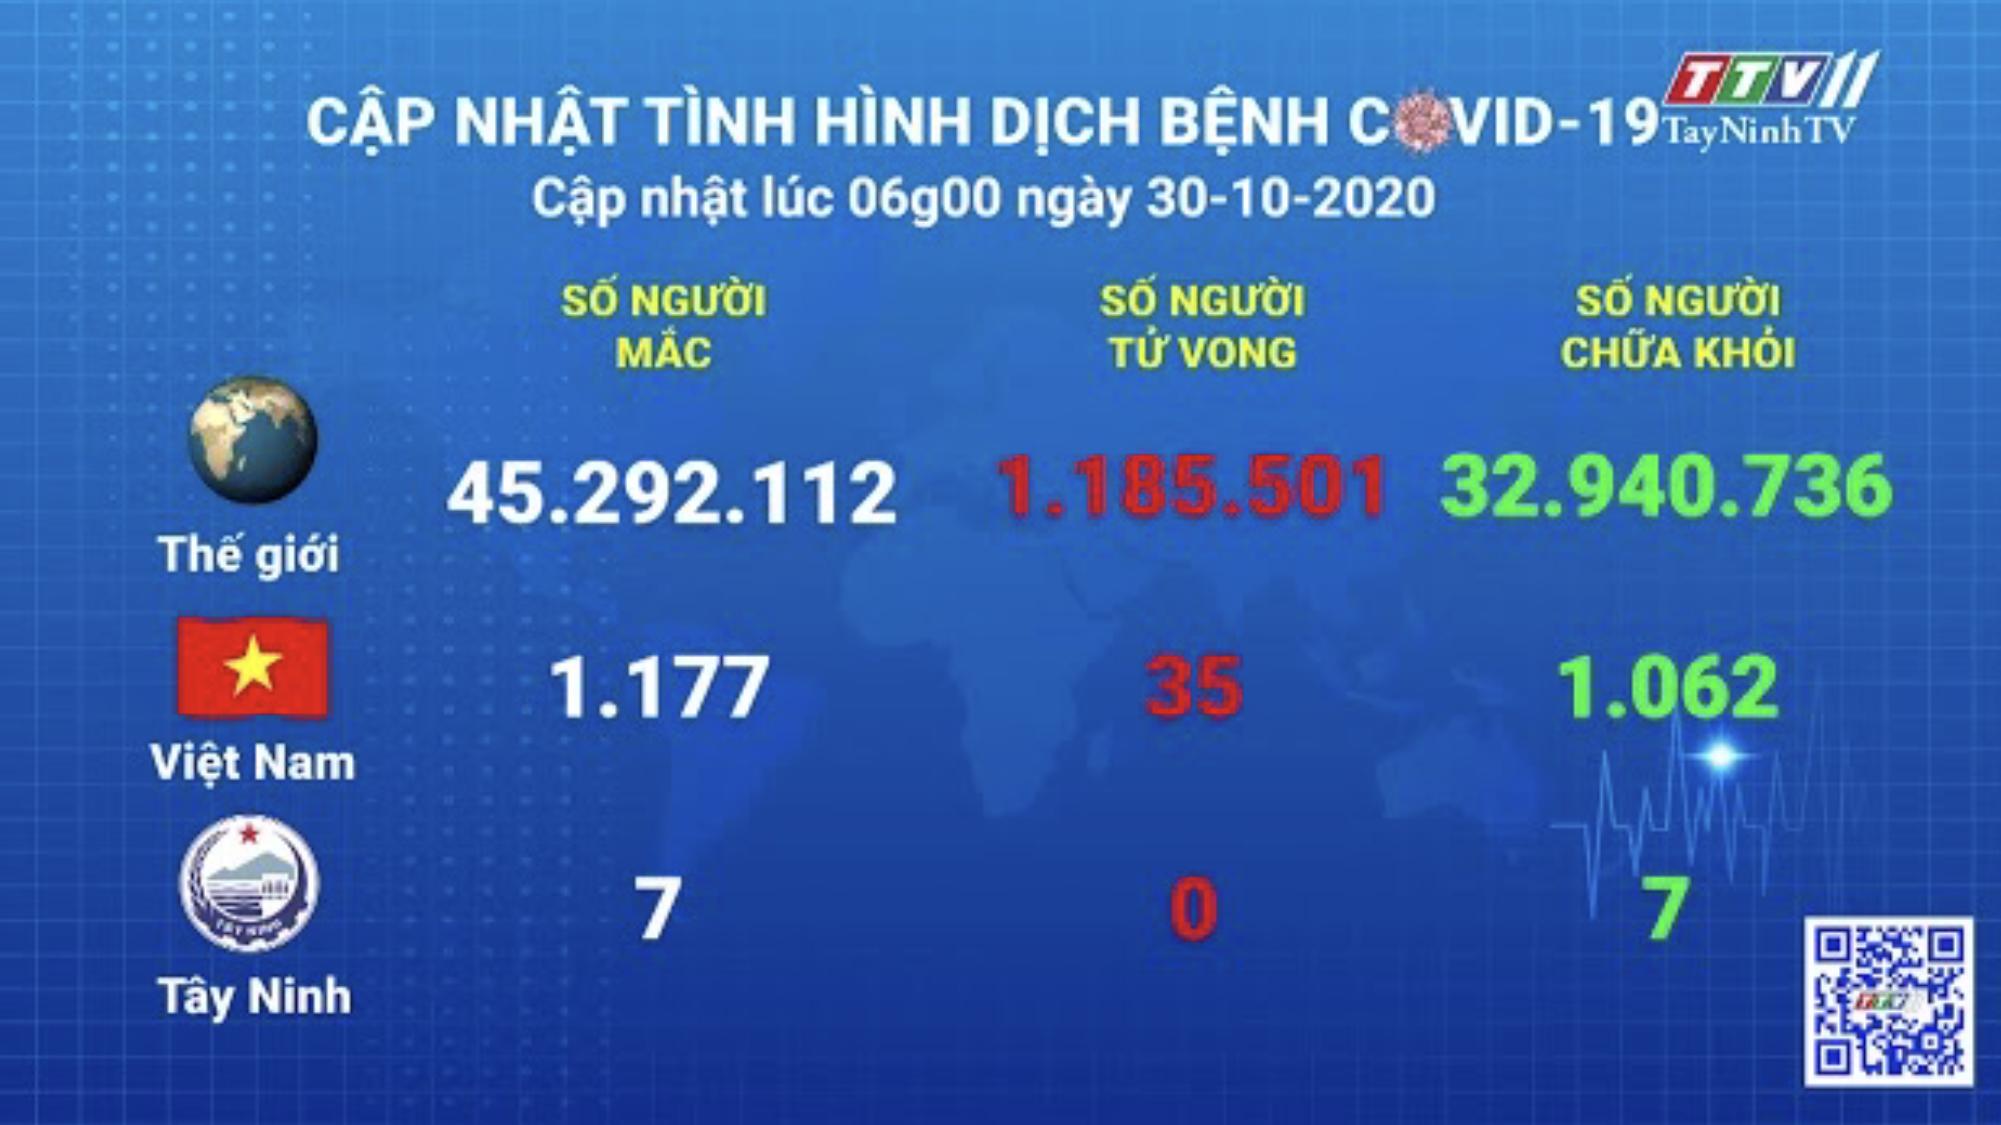 Cập nhật tình hình Covid-19 vào lúc 06 giờ 30-10-2020 | Thông tin dịch Covid-19 | TayNinhTV